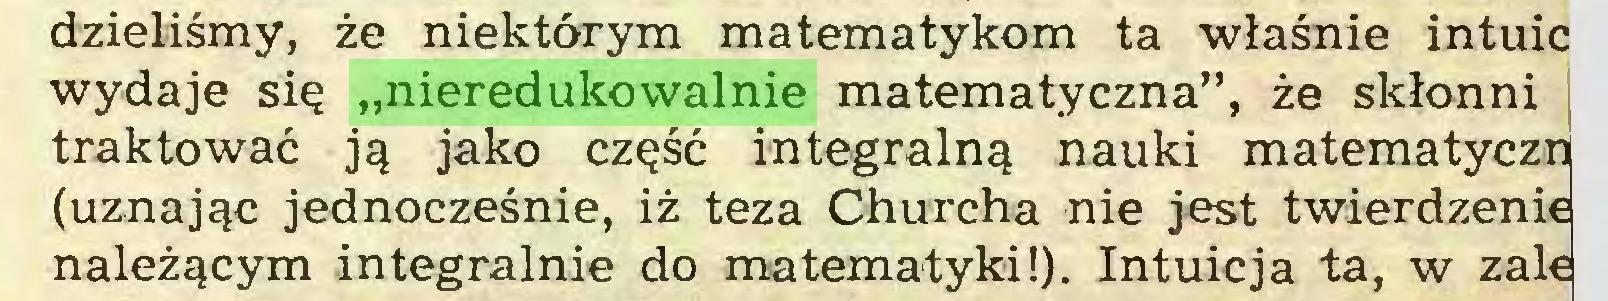 """(...) dzieliśmy, że niektórym matematykom ta właśnie intuic wydaje się """"nieredukowalnie matematyczna"""", że skłonni traktować ją jako część integralną nauki matematyczni (uznając jednocześnie, iż teza Churcha nie jest twierdzenie należącym integralnie do matematyki!). Intuicja ta, w żale..."""